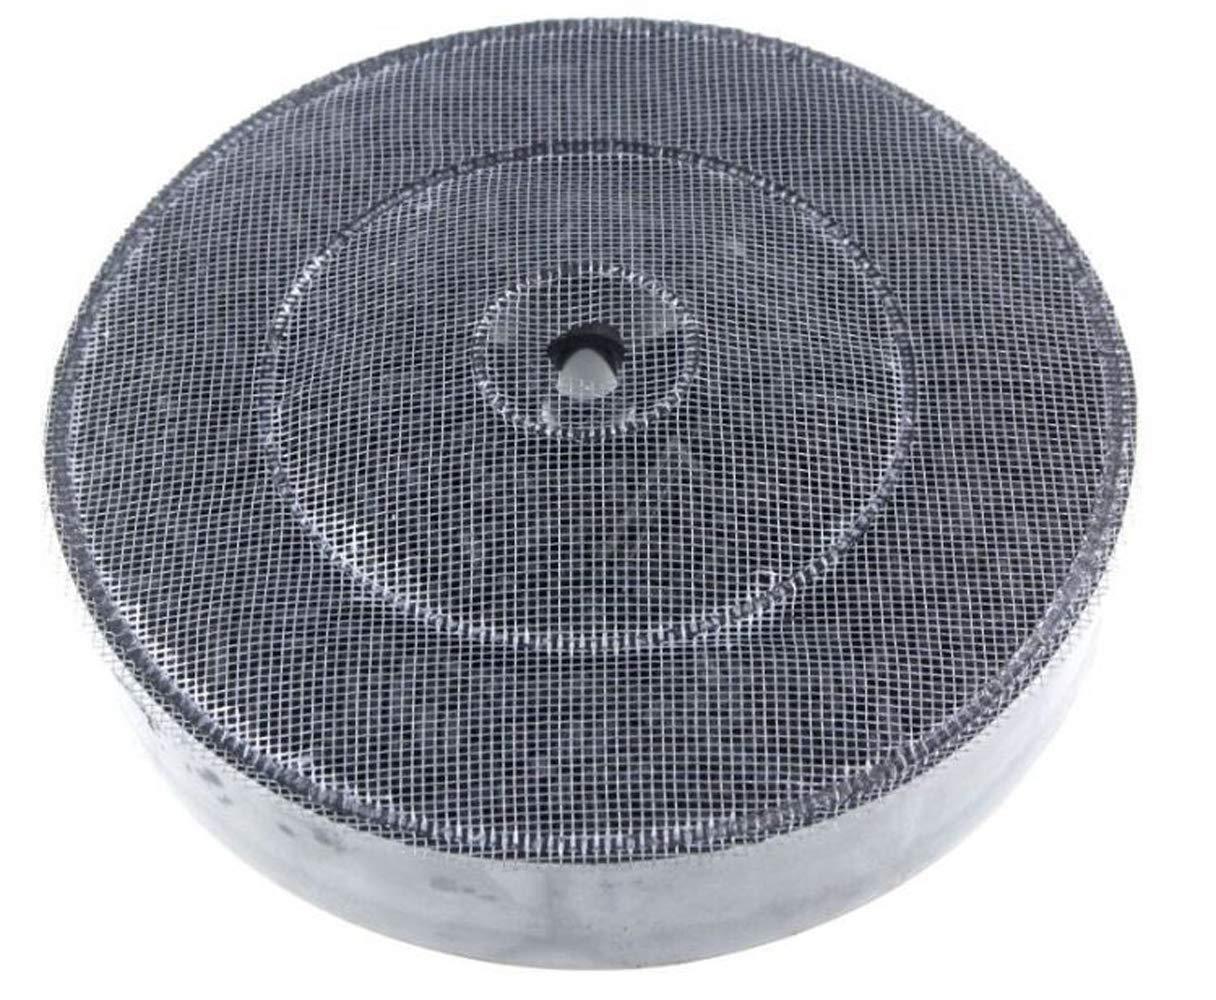 Accesorio de hogar Campana extractora, Gris, Blanco, 470 mm, 570 mm Hama 00110830 accesorio y suministro para el hogar